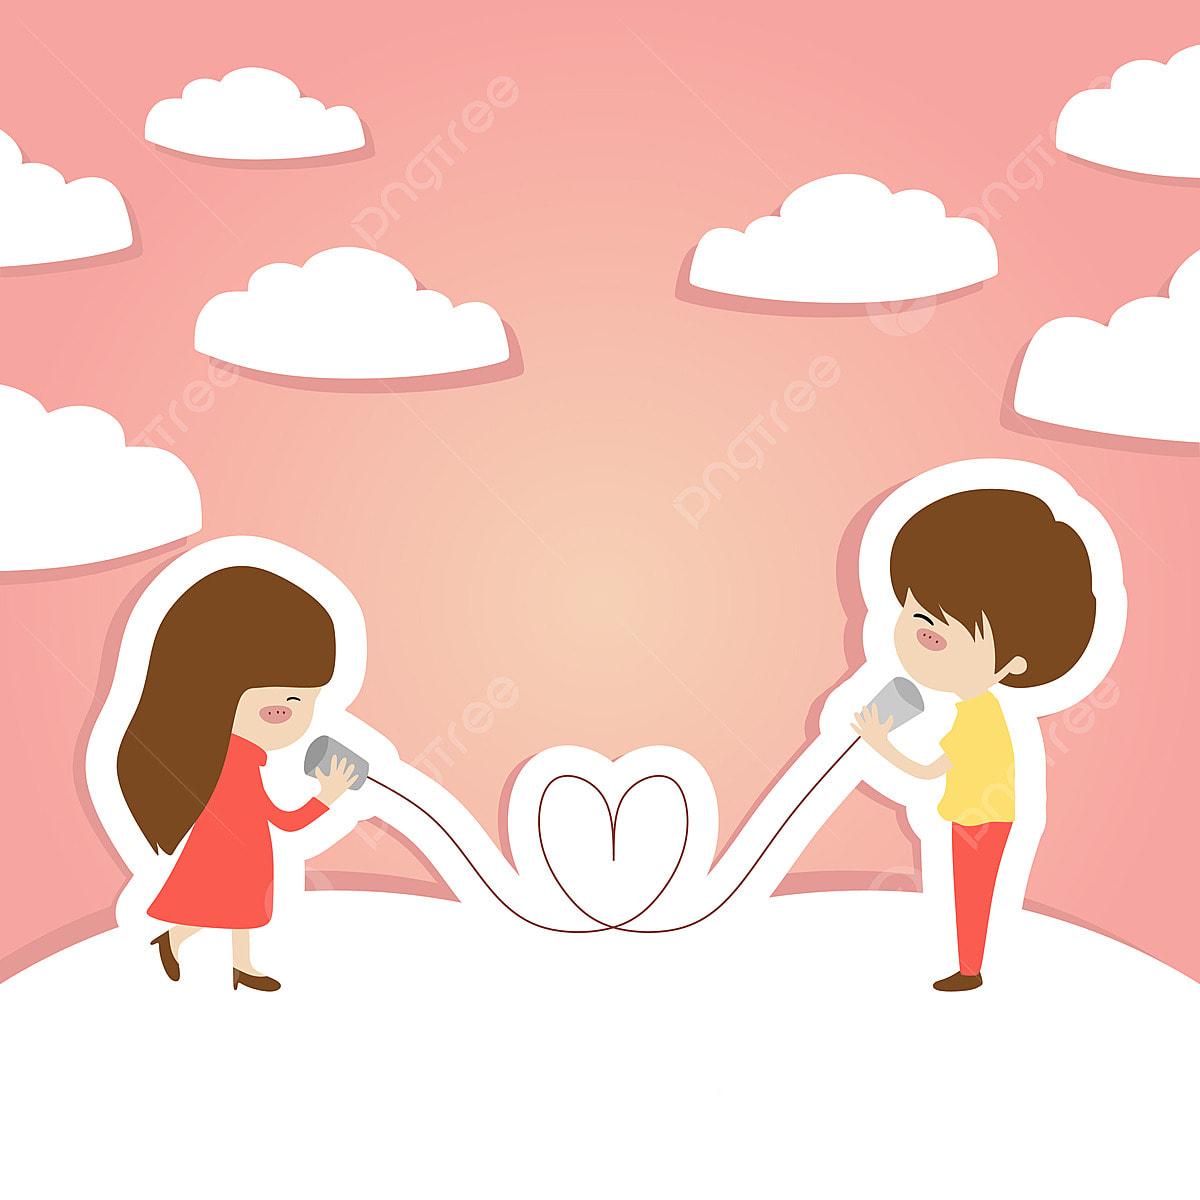 6200 Koleksi Gambar Anak Romantis Kartun Gratis Terbaru